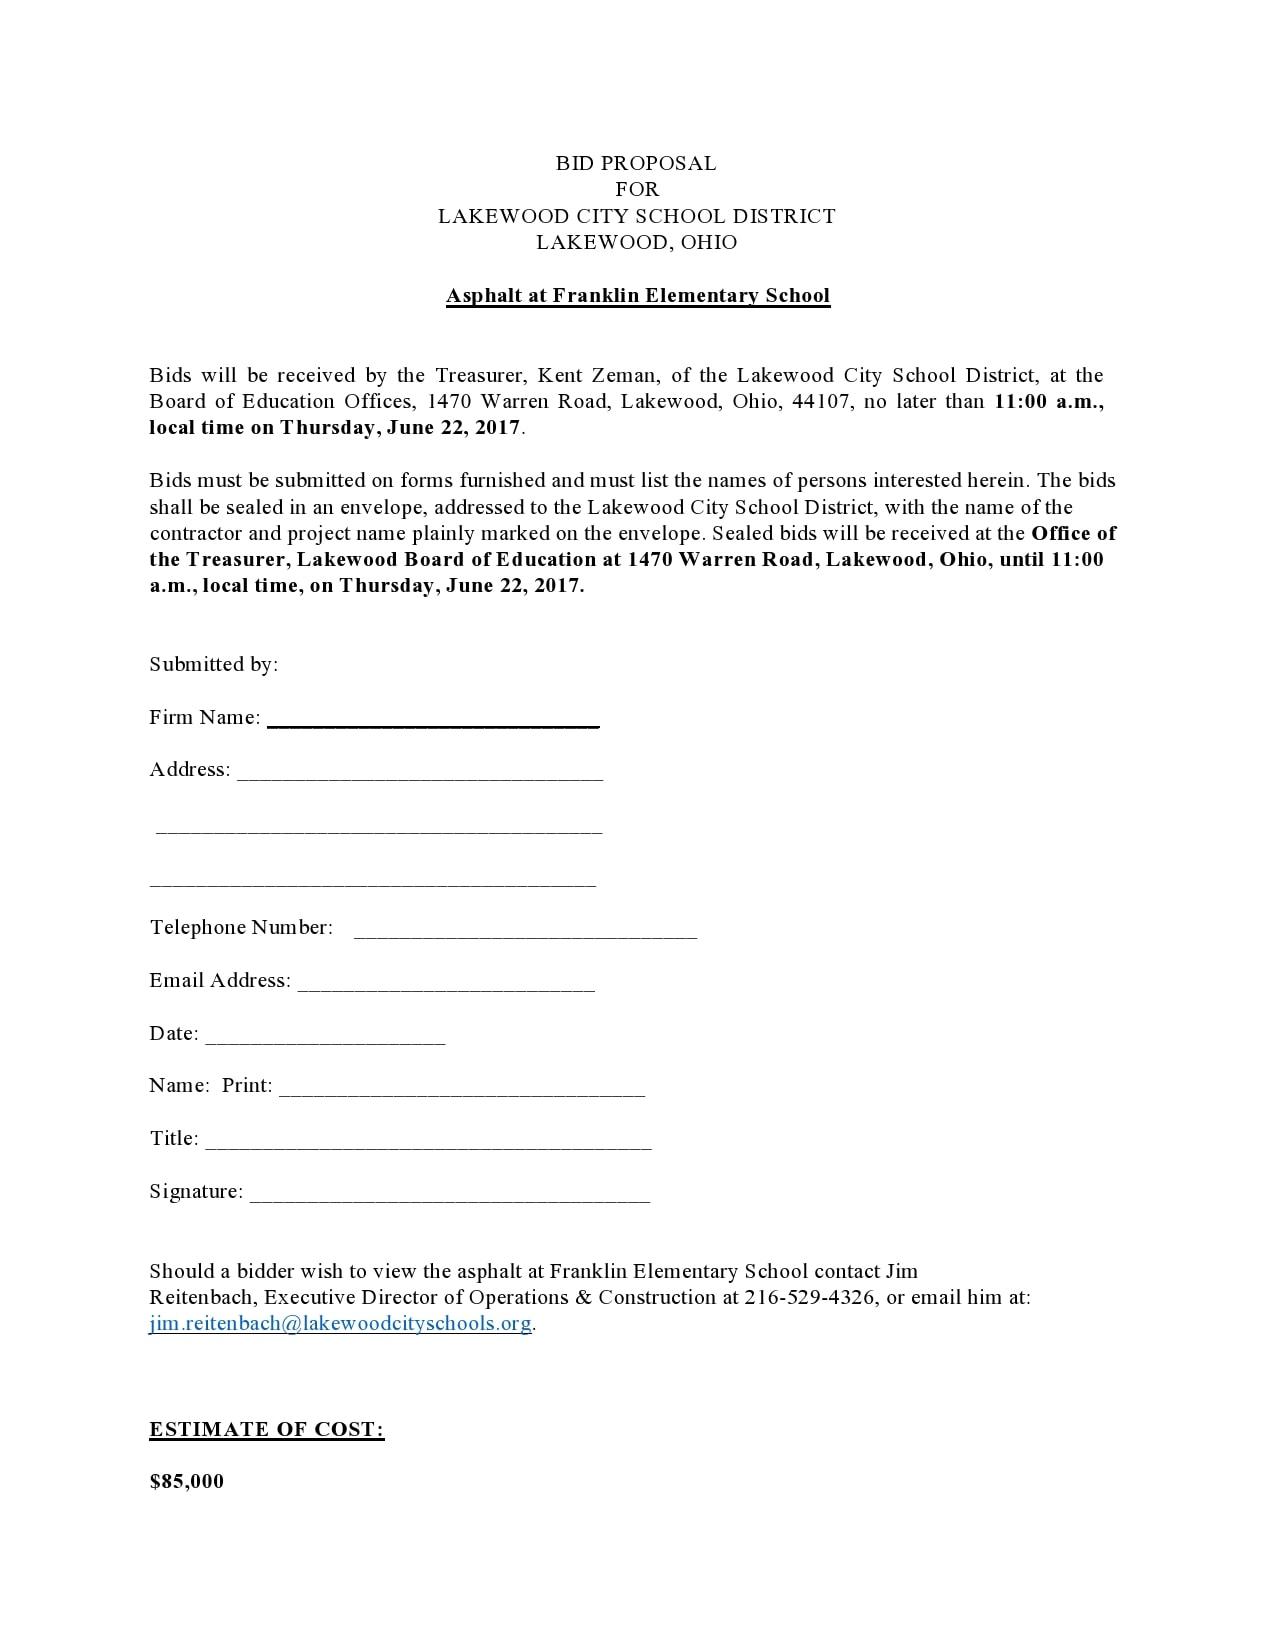 bid proposal 20